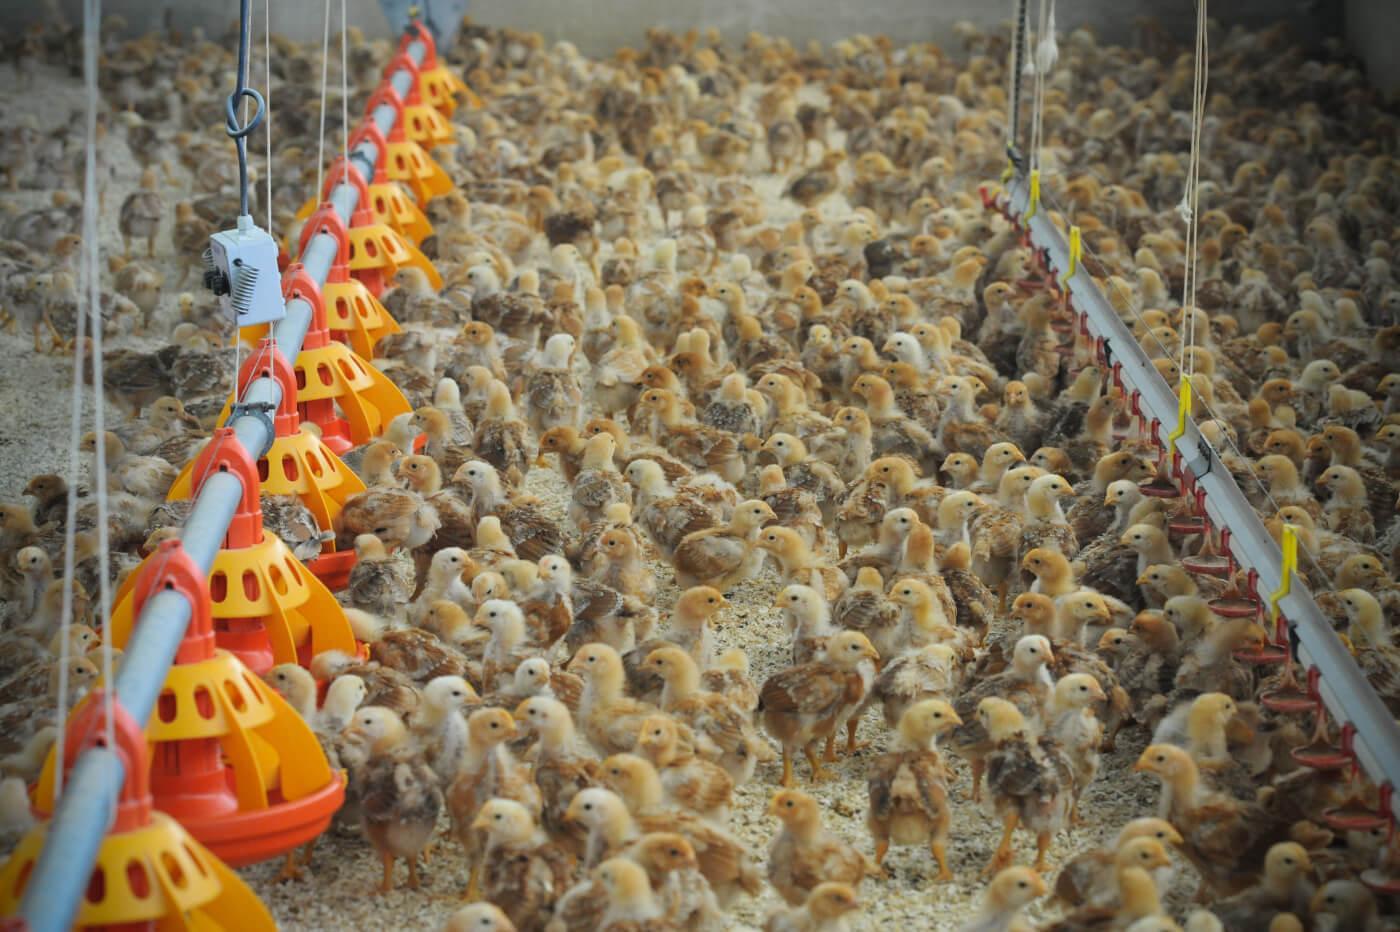 Jo-Anne McArthur, spain, free-range chicken farm